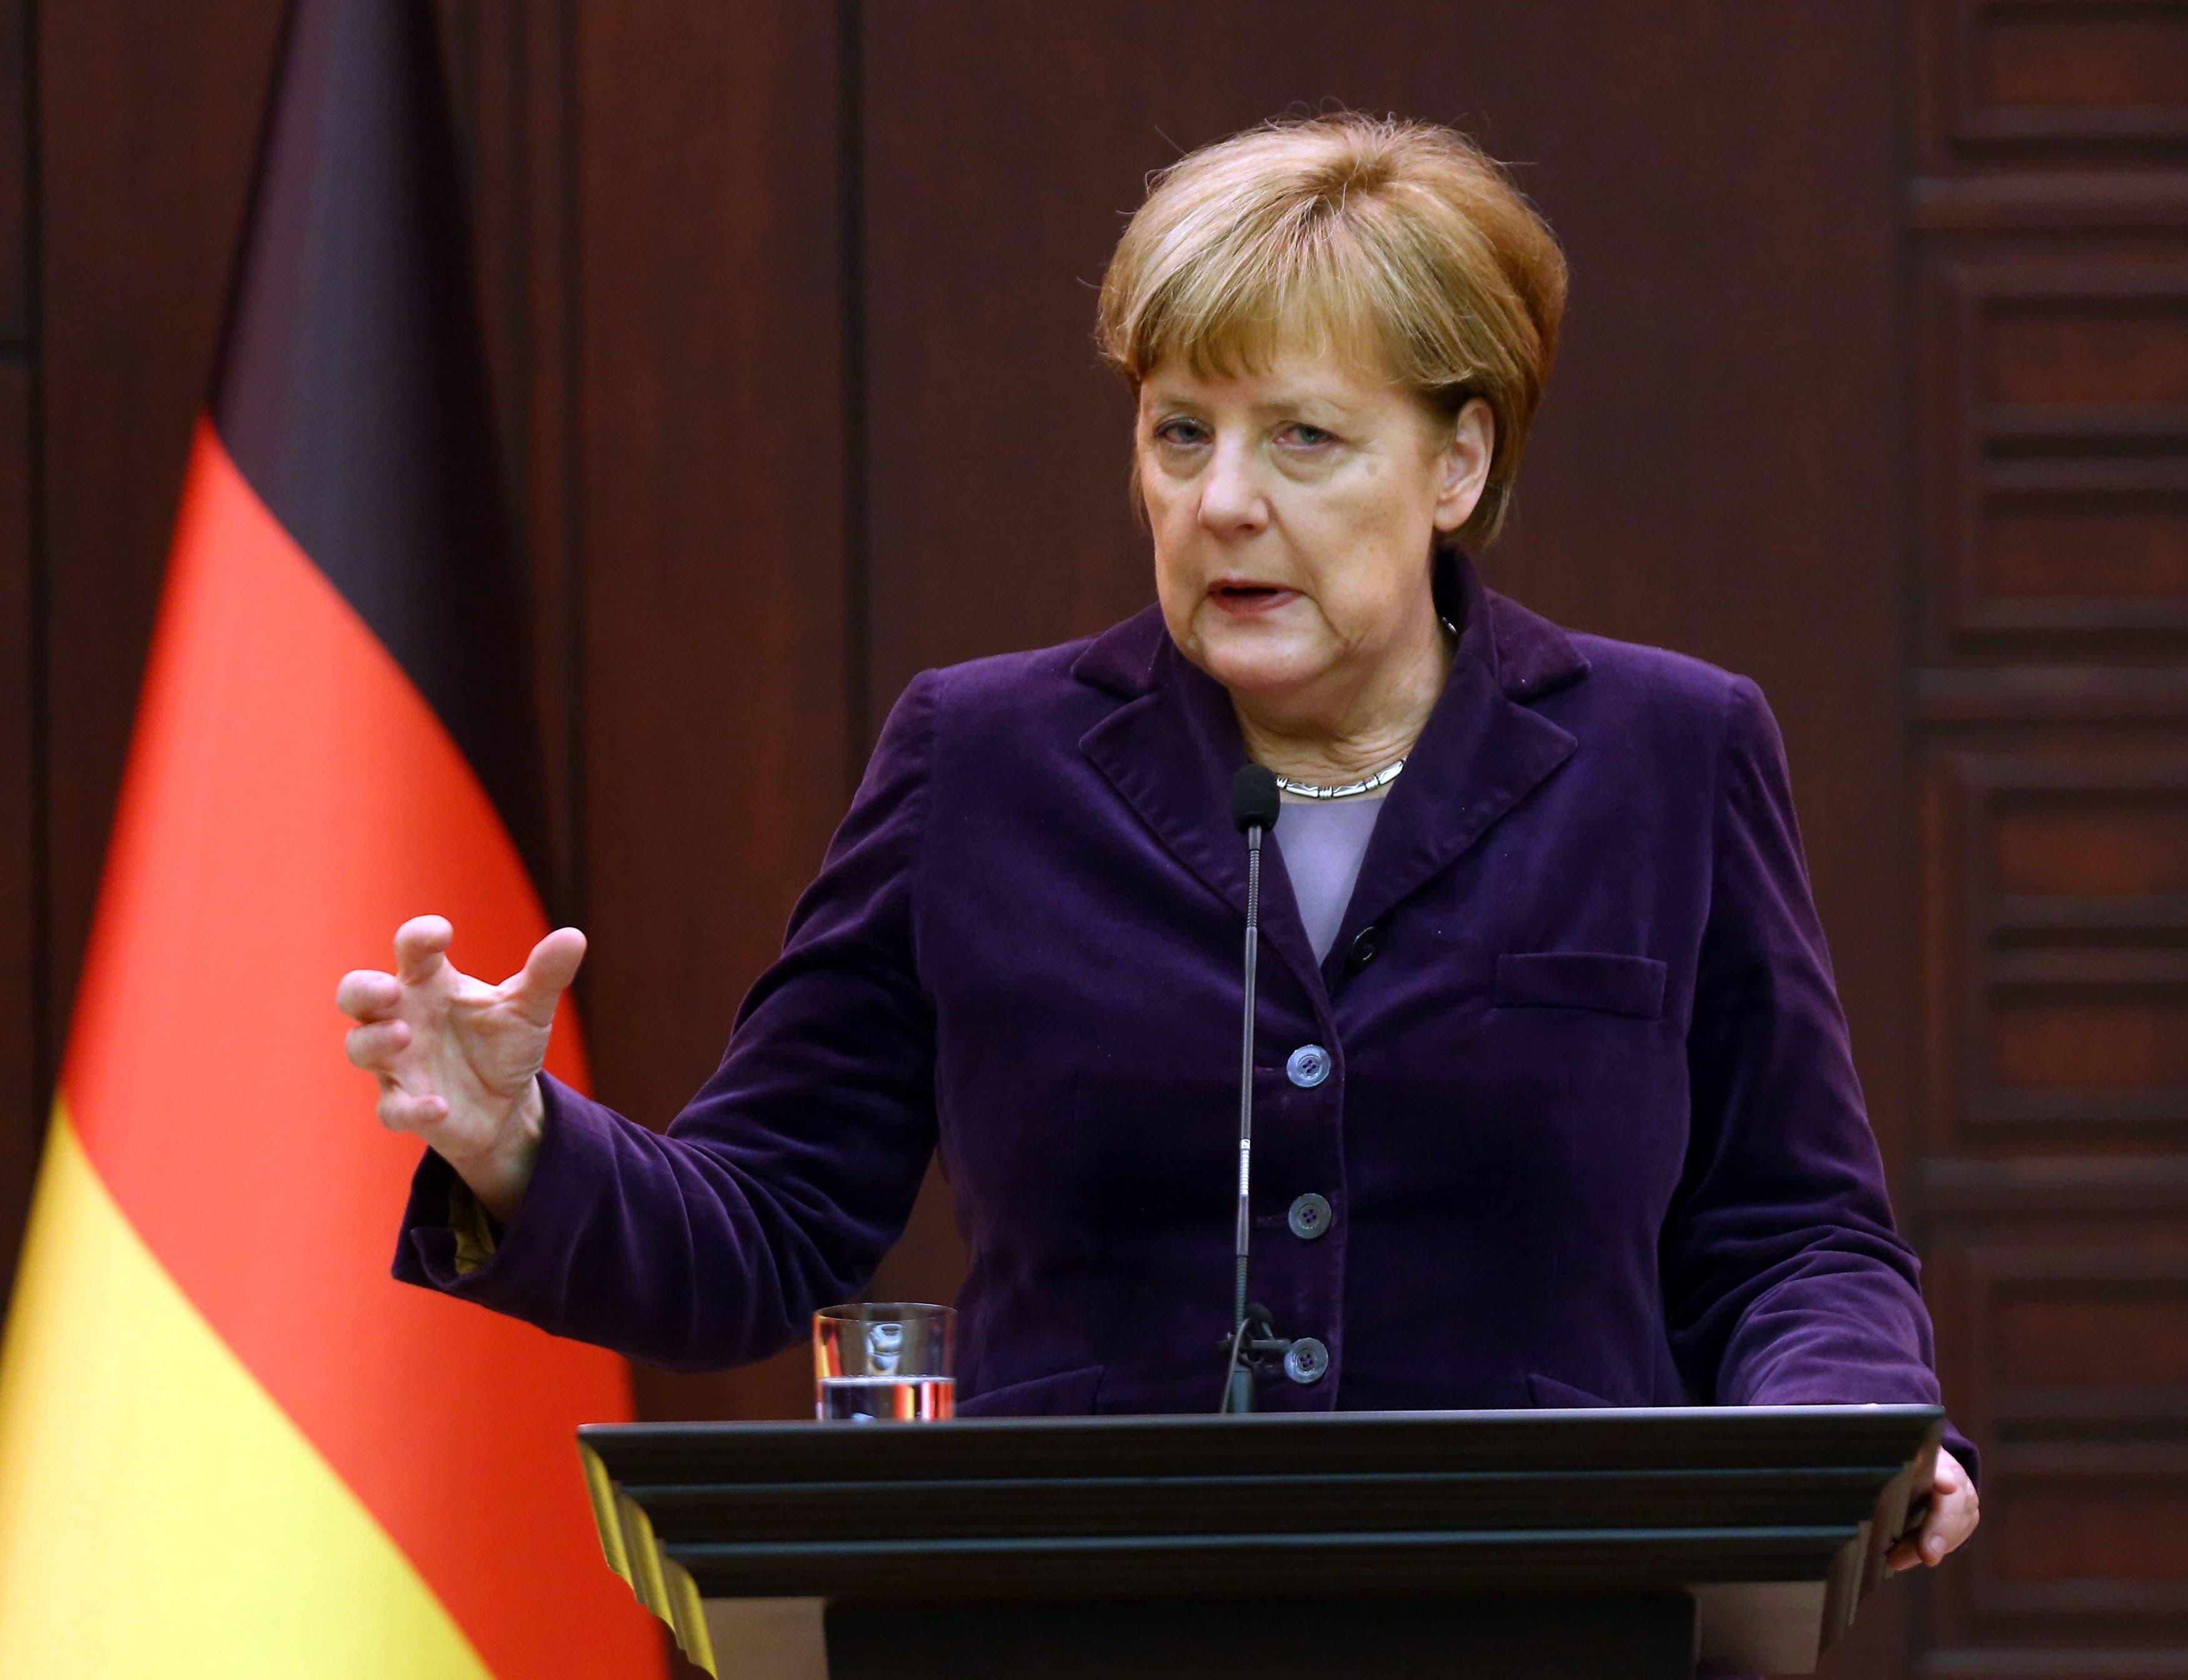 Merkel advierte que Europa ya no puede apoyarse en EEUU y Reino Unido